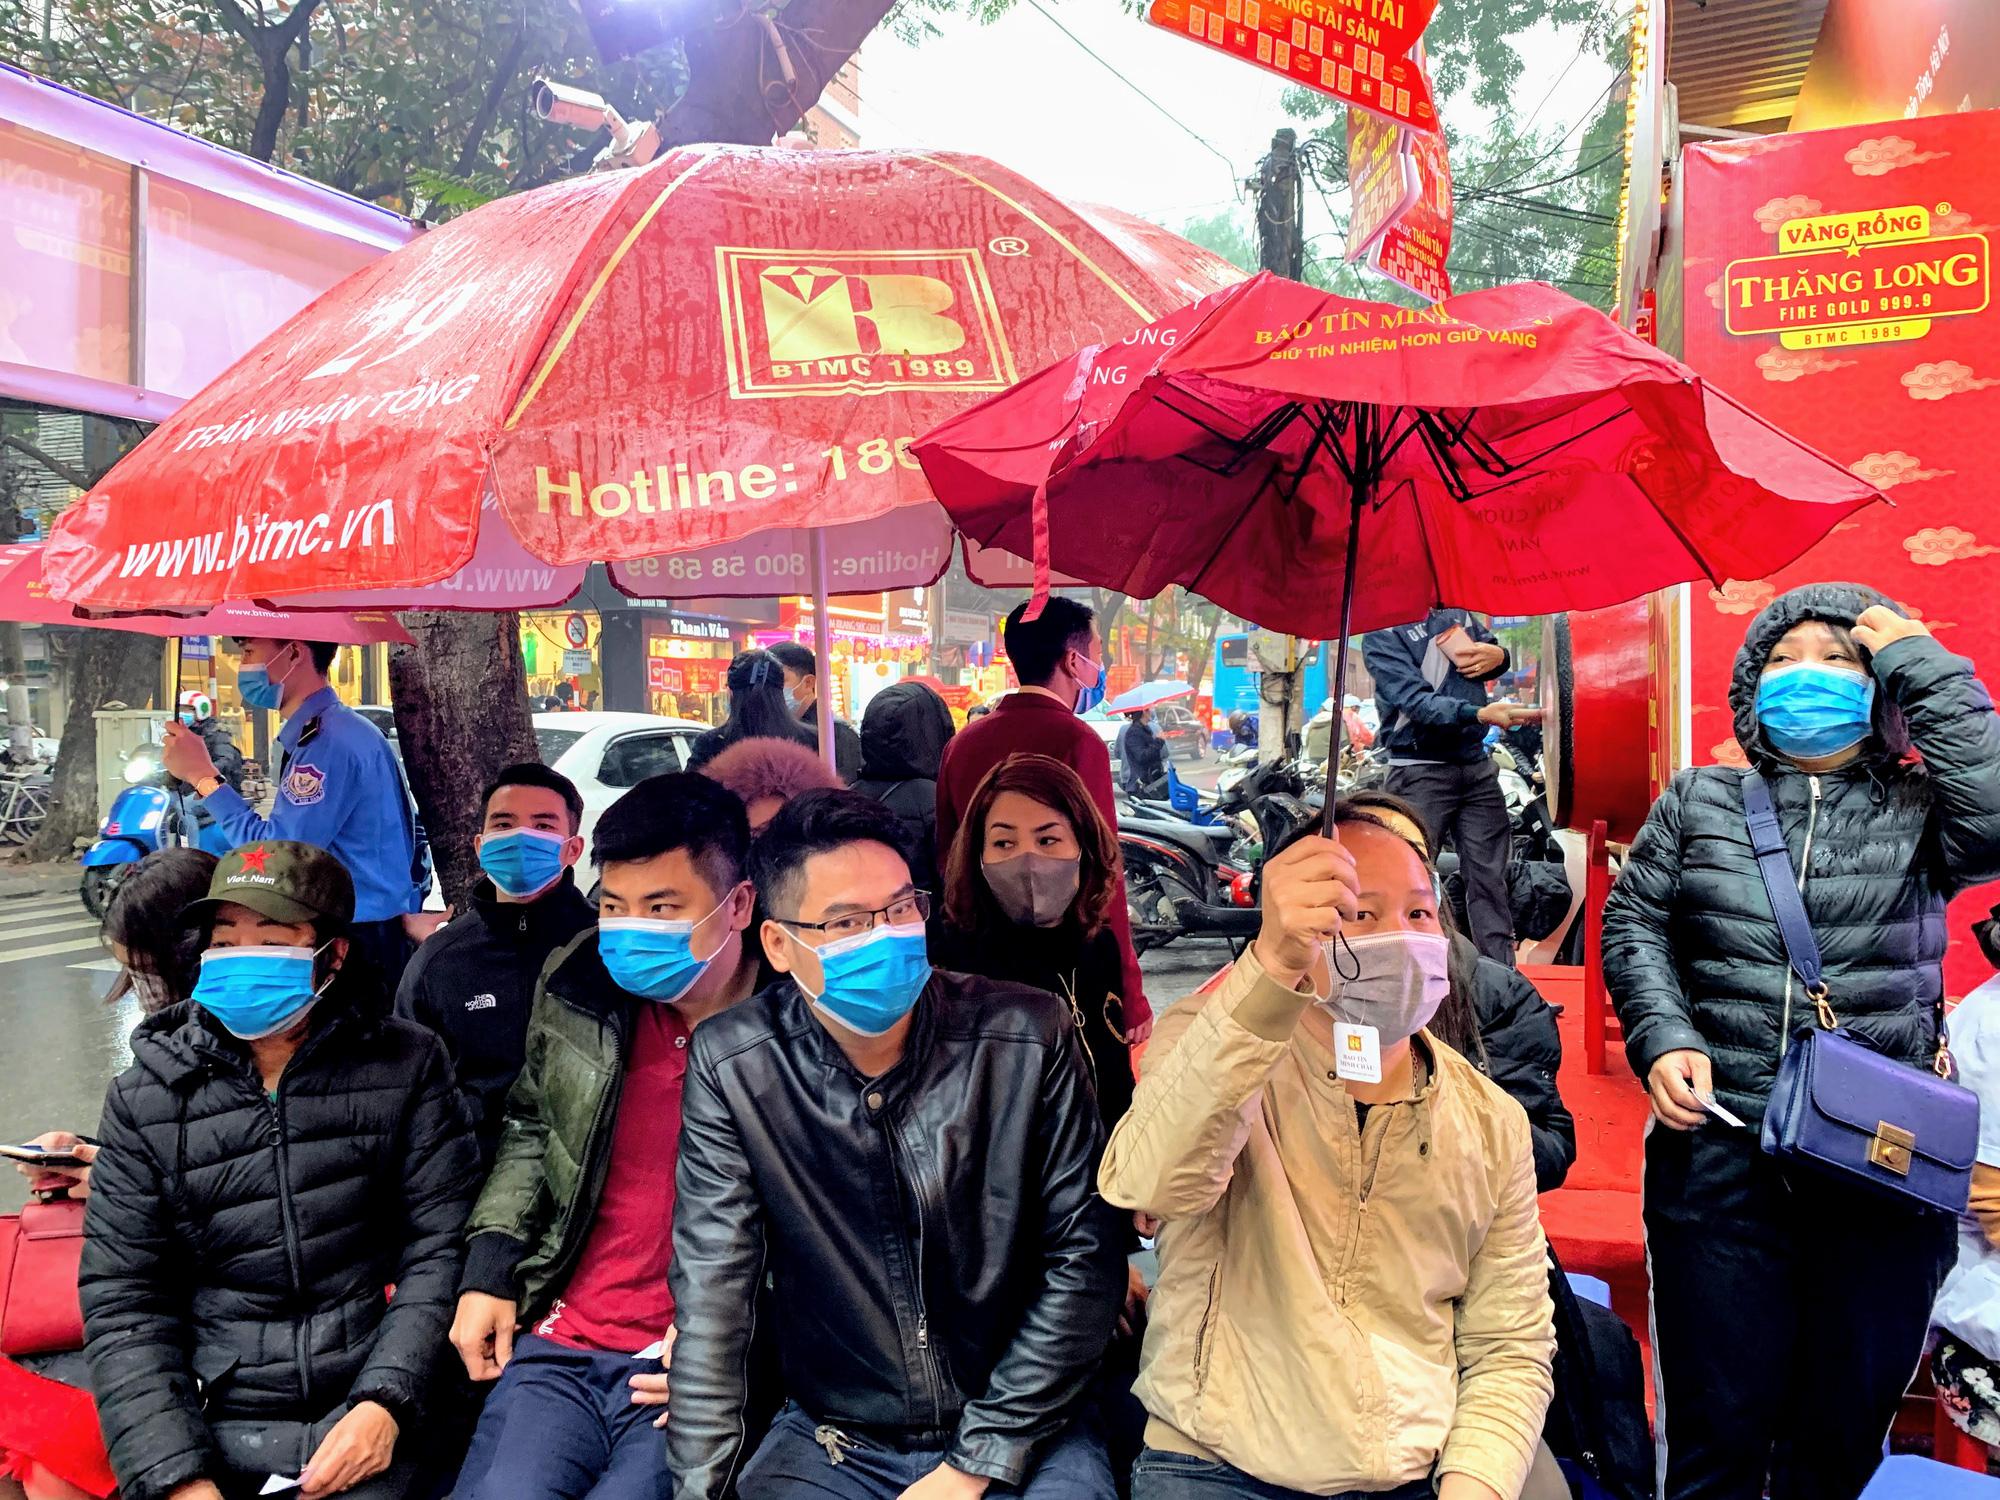 Giữa tâm dịch corona, bay từ Sài Gòn ra Hà Nội, đội mưa để đi mua vàng trong ngày Vía thần Tài - Ảnh 3.